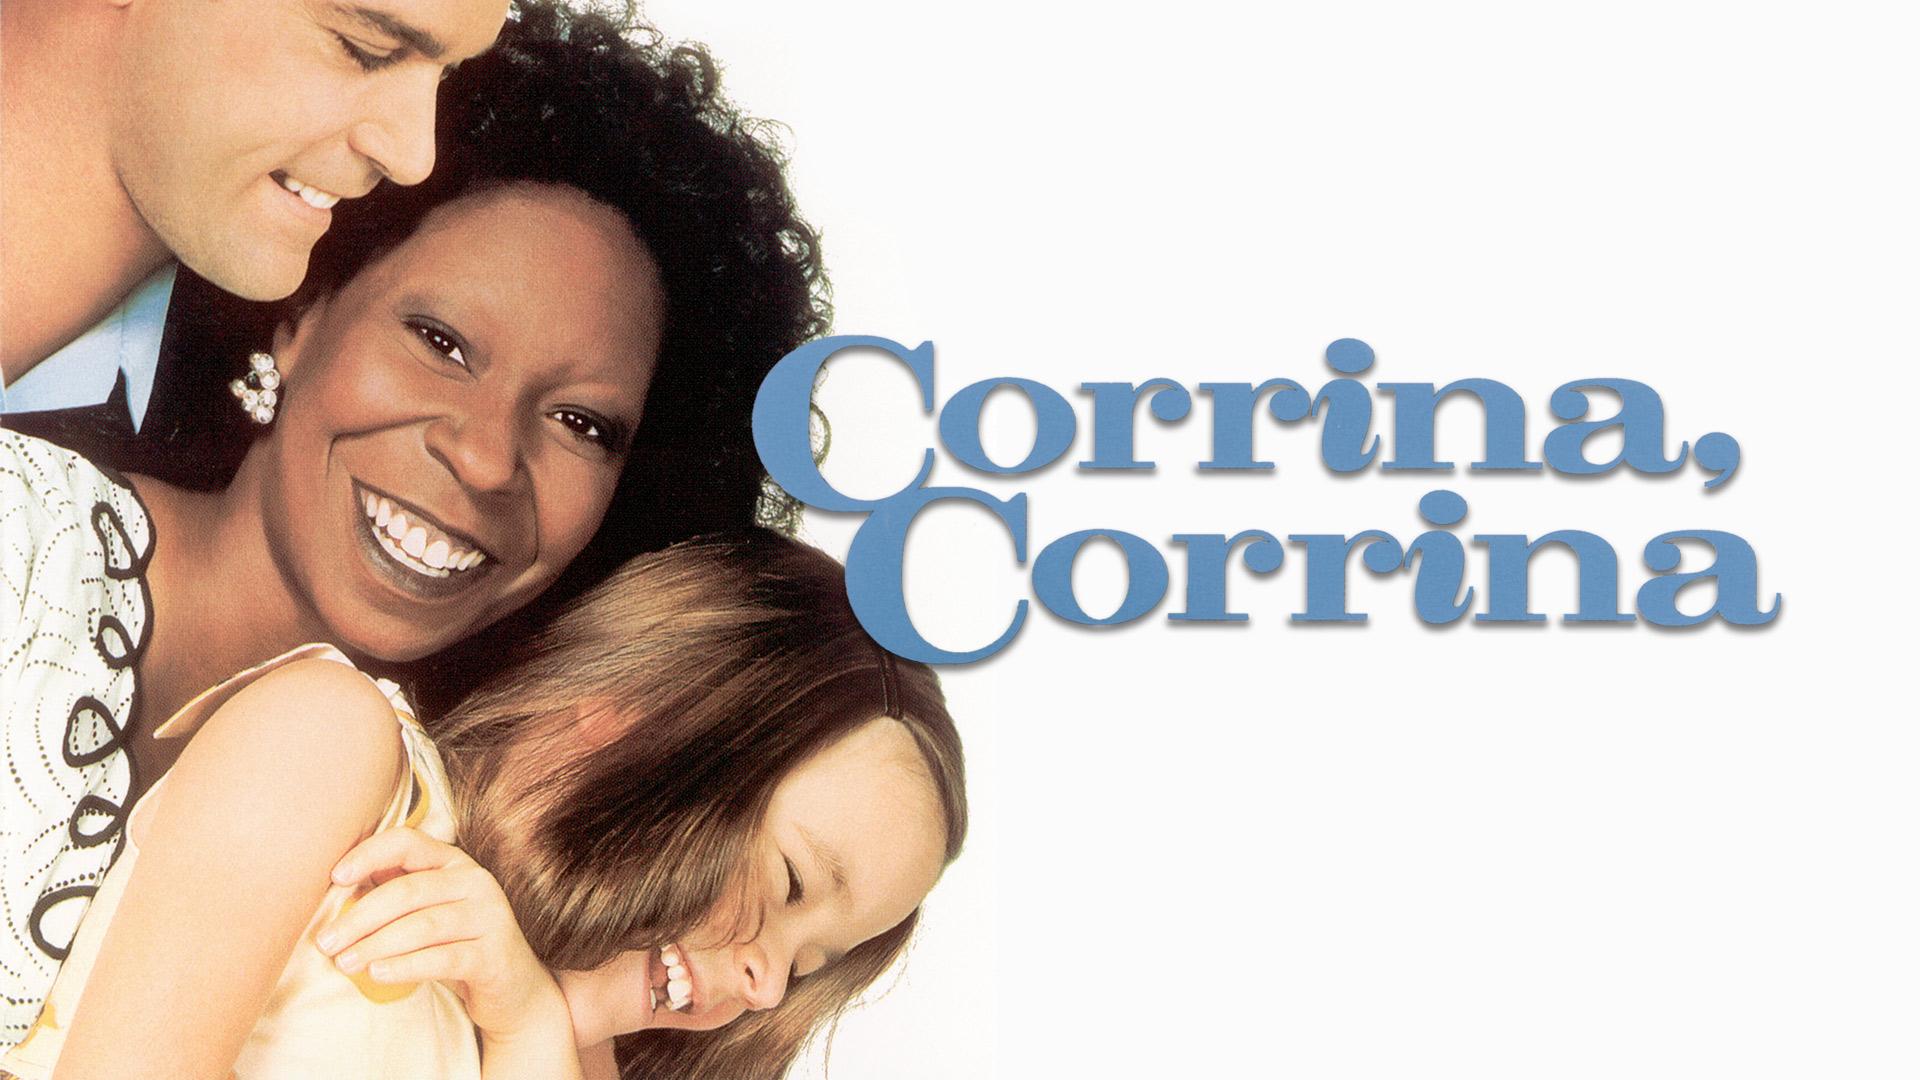 Corrina, Corrina